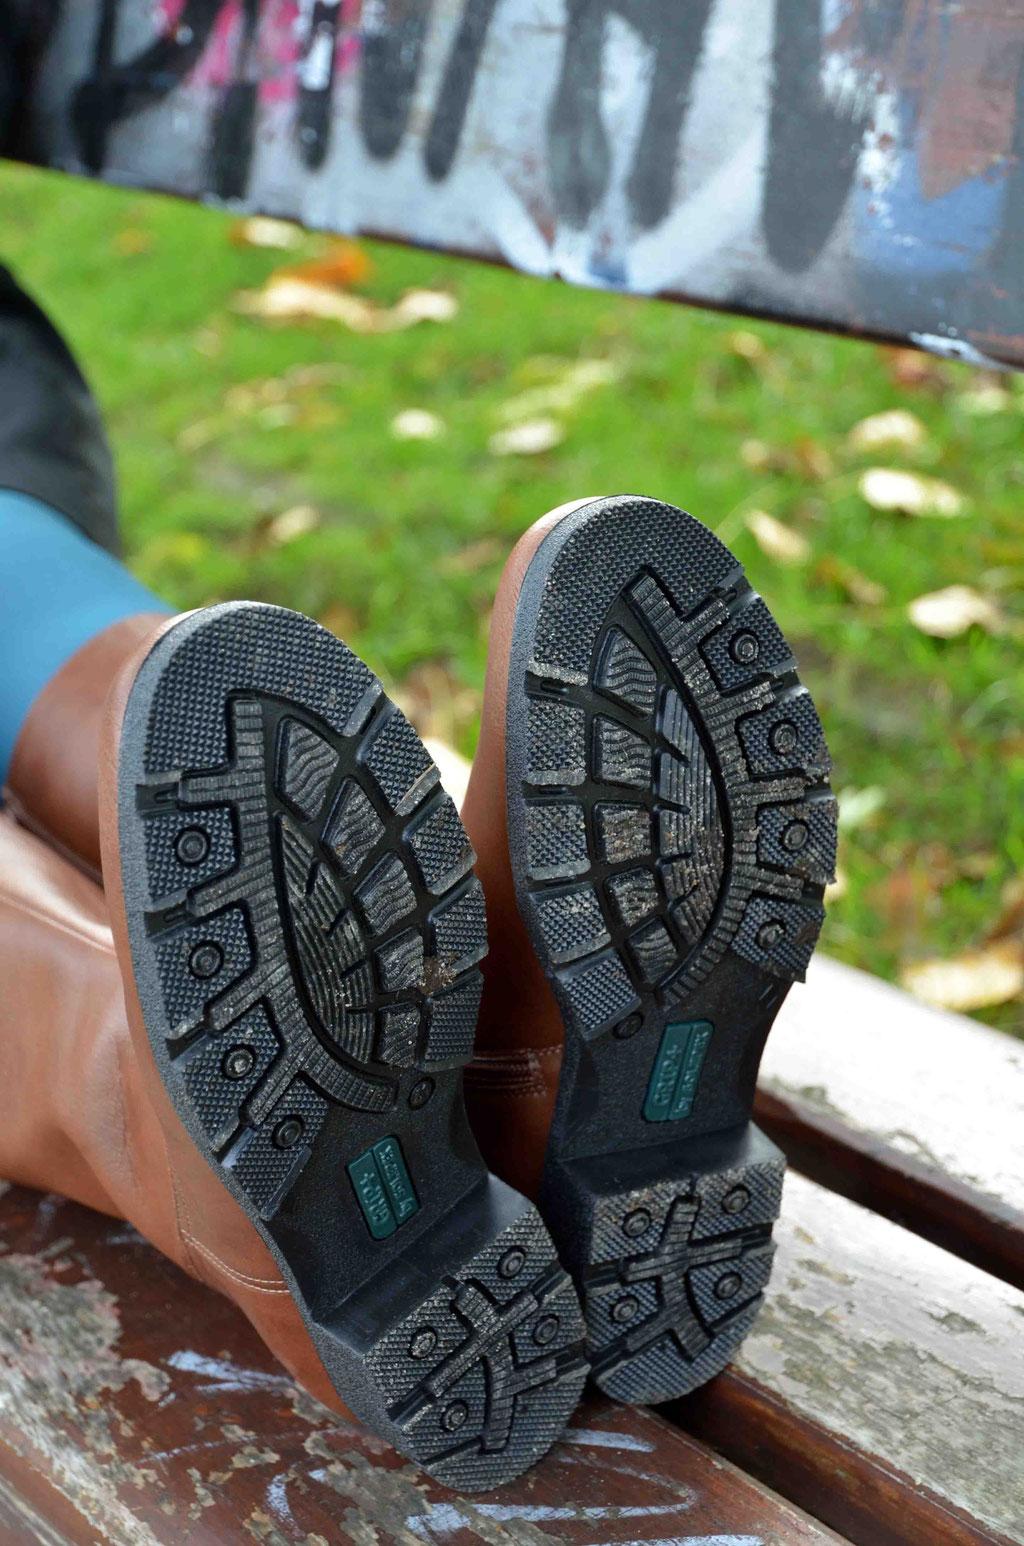 Wichtig für die beginnende herbstliche Zeit: warme Stiefel mit der richtigen Sohle.